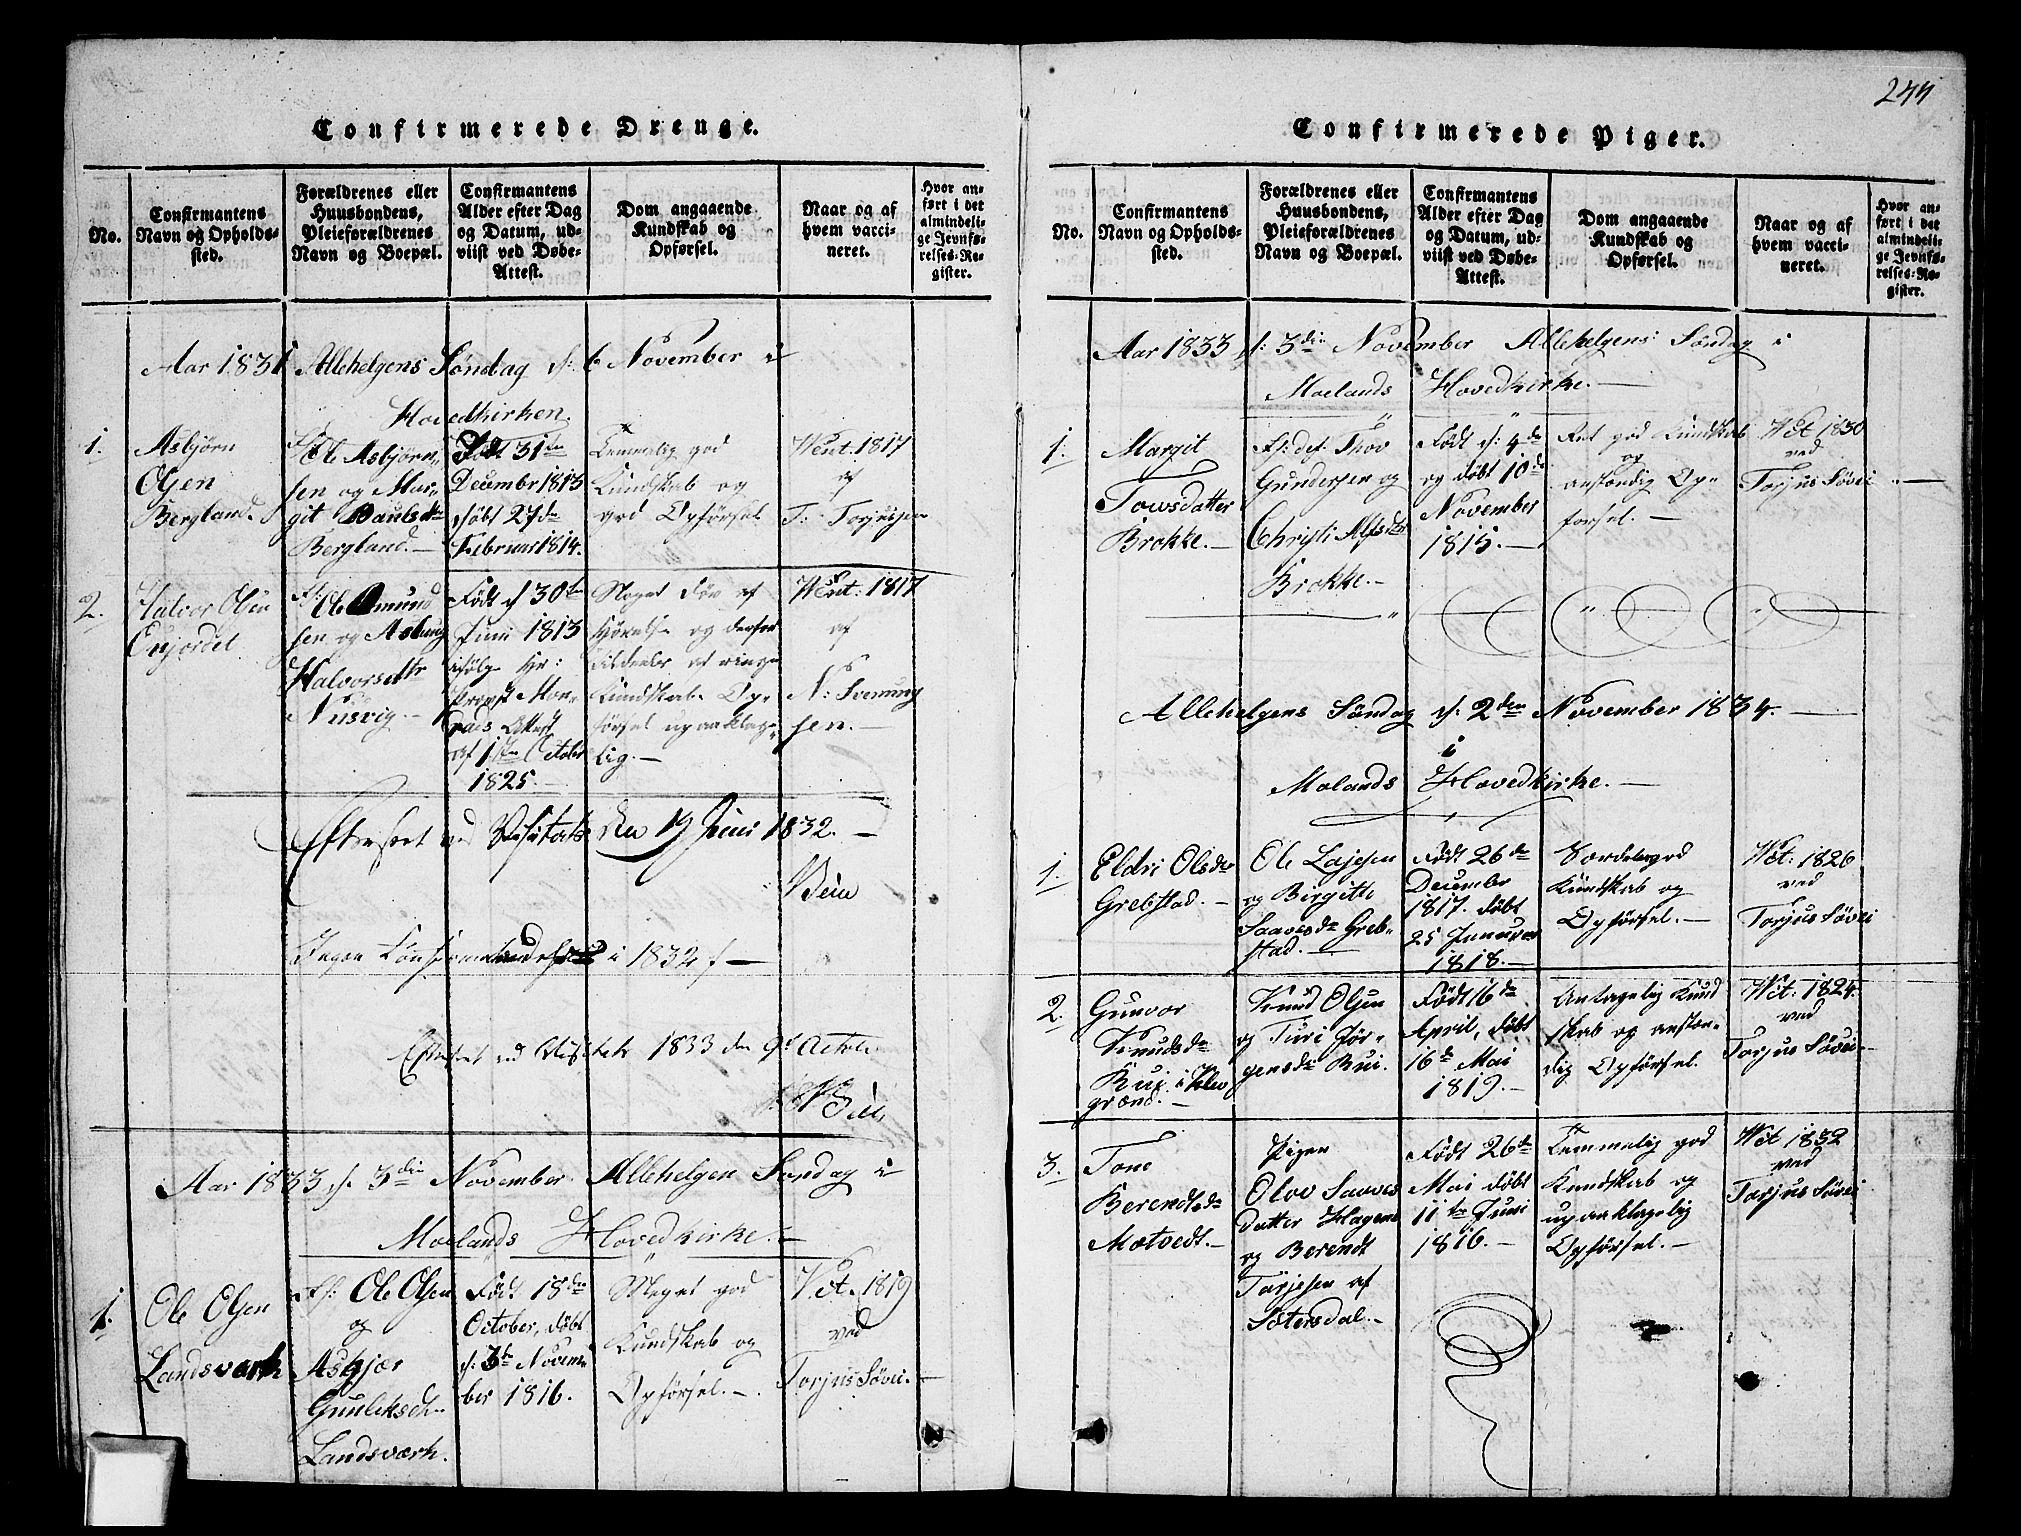 SAKO, Fyresdal kirkebøker, G/Ga/L0002: Klokkerbok nr. I 2, 1815-1857, s. 244